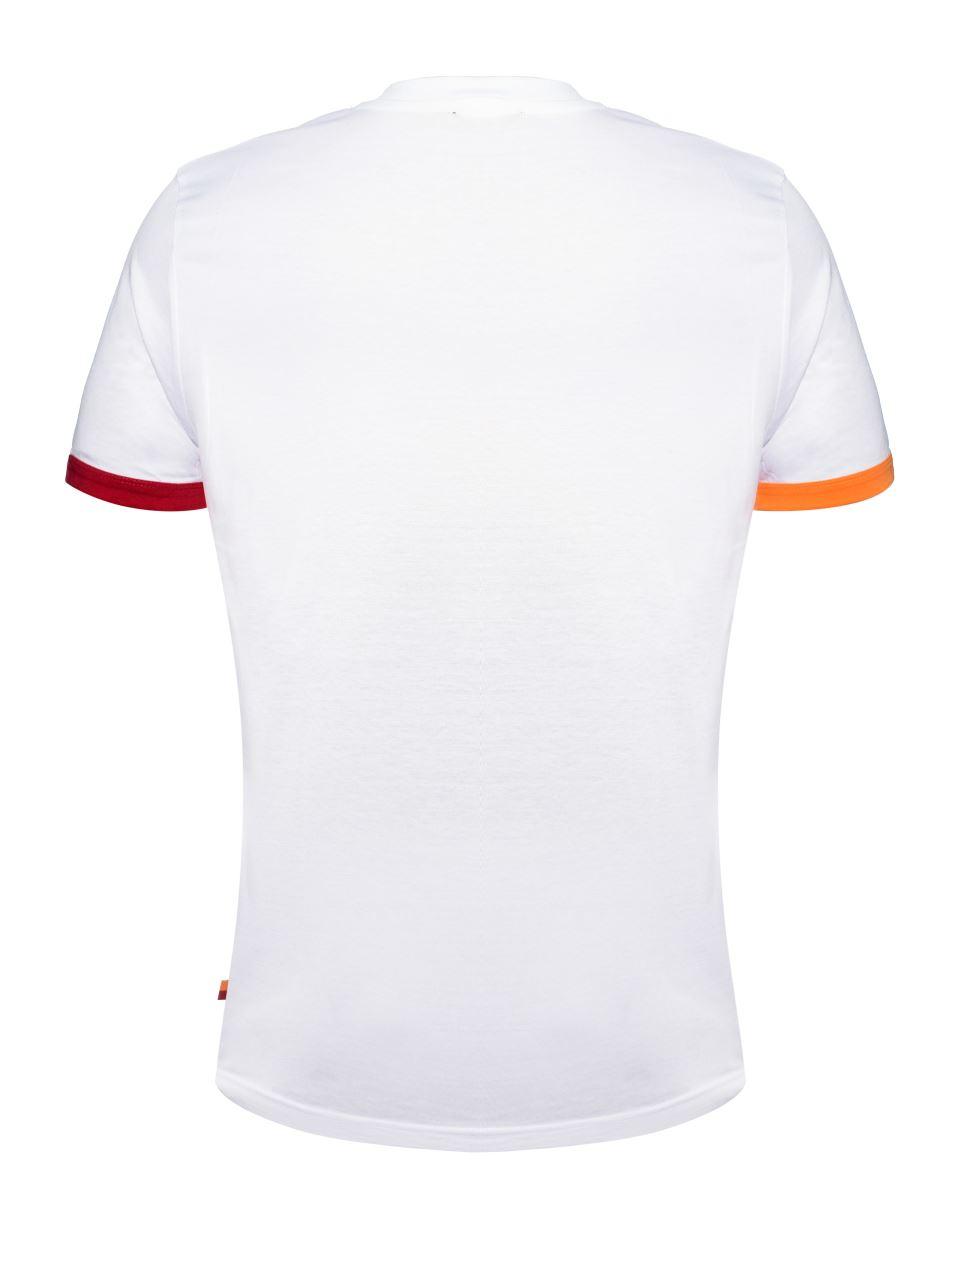 E80505 Mariano T-shirt